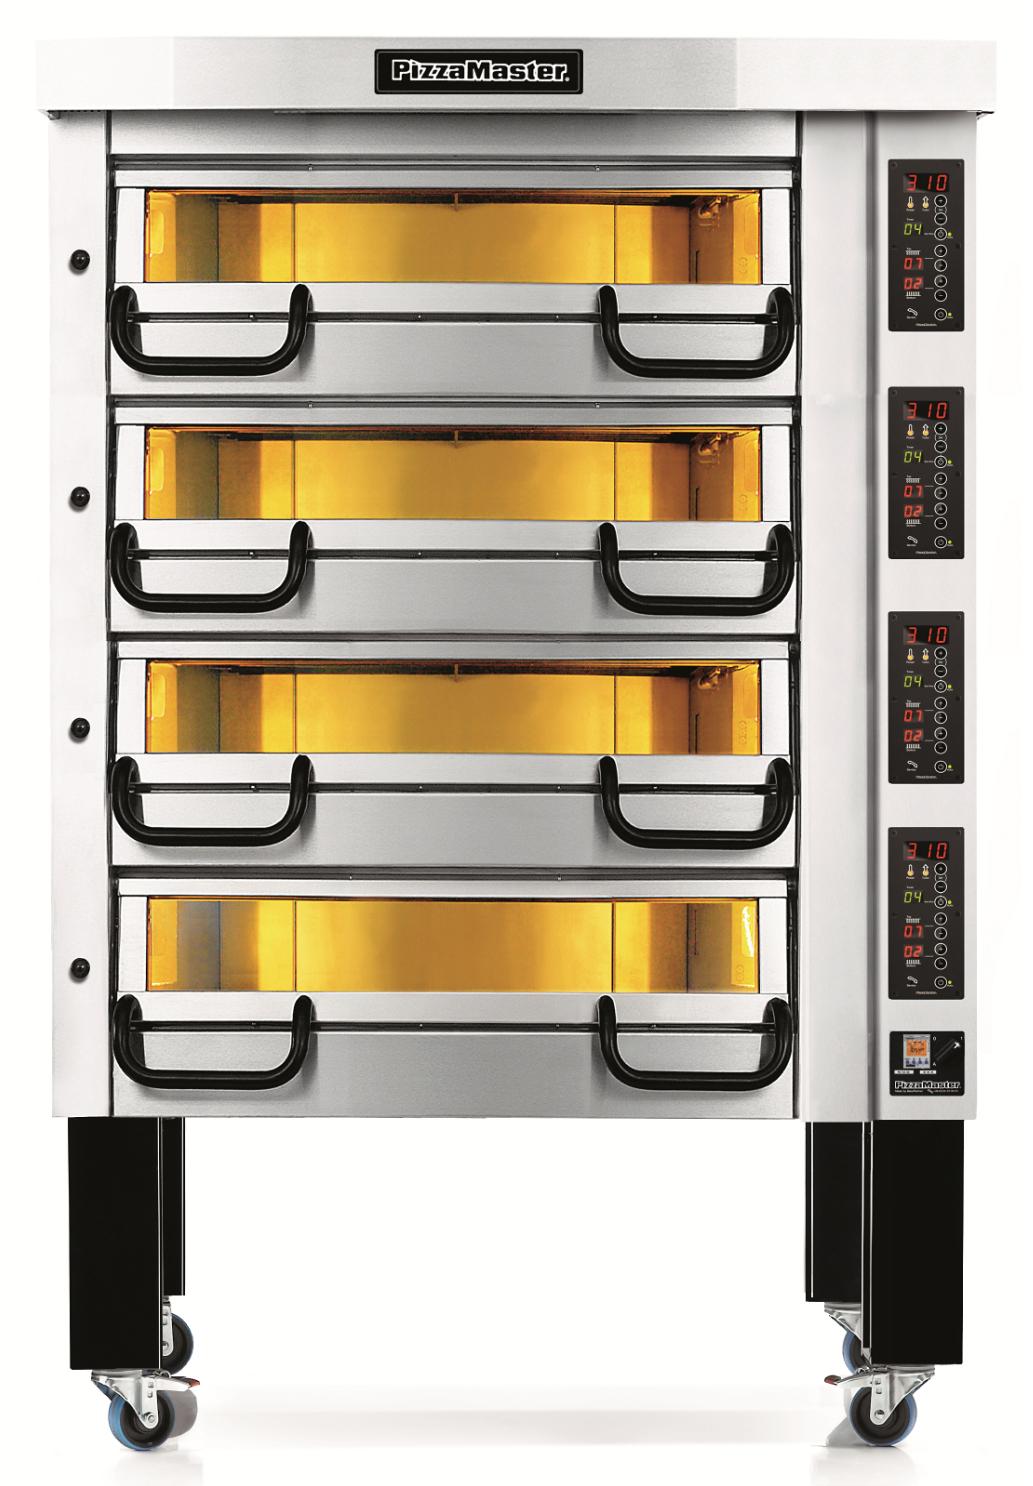 Four à pizza professionnel modulaire 4 chambres de cuisson